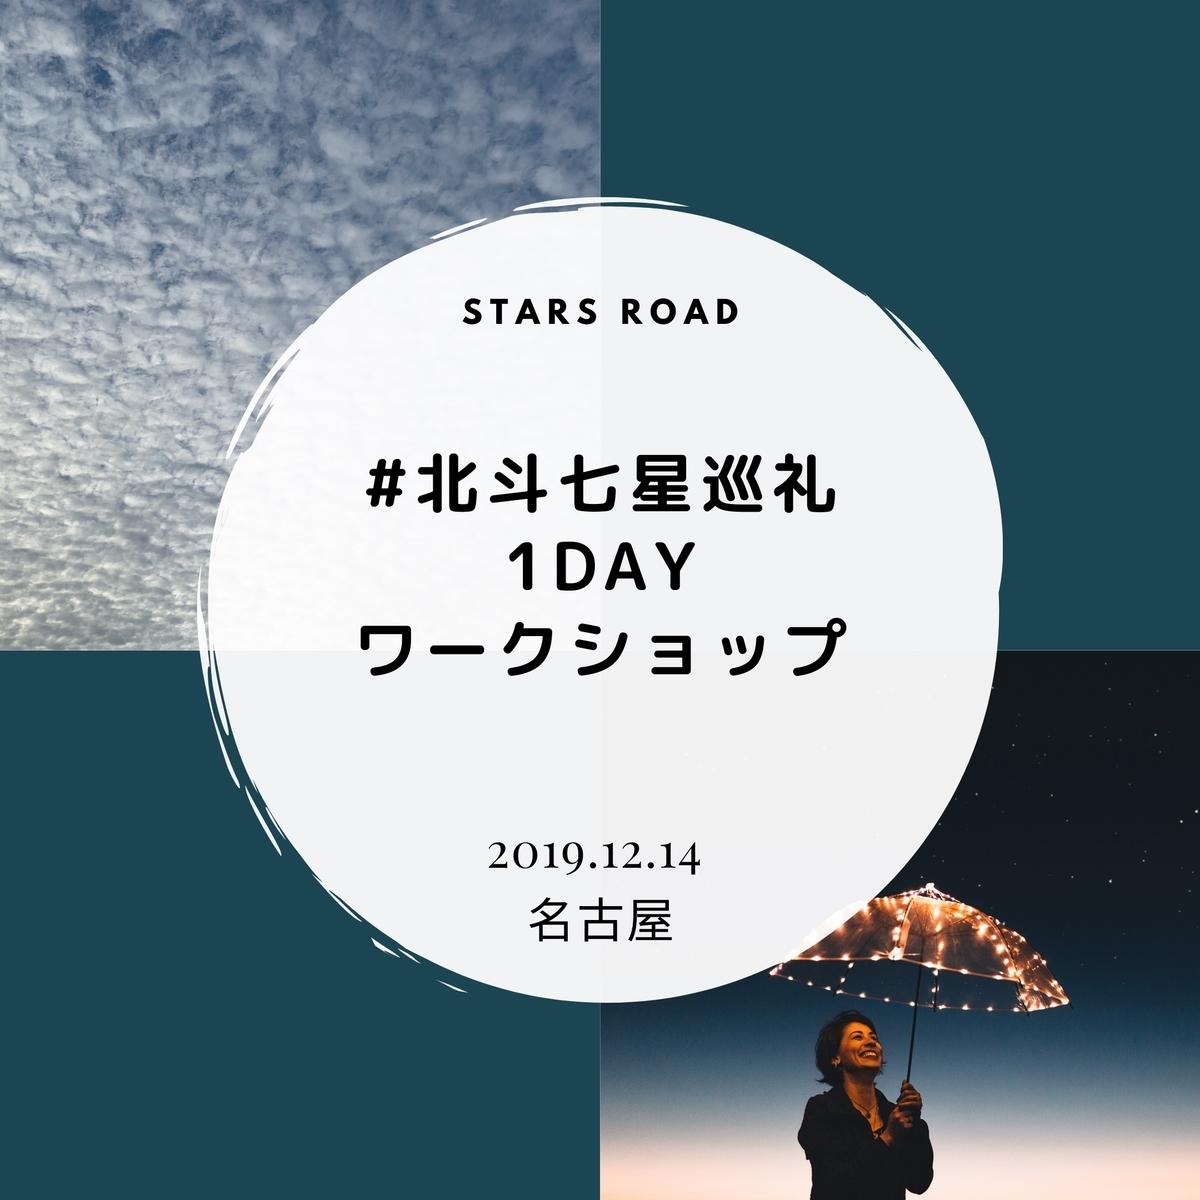 f:id:stars_road:20191120160830j:plain